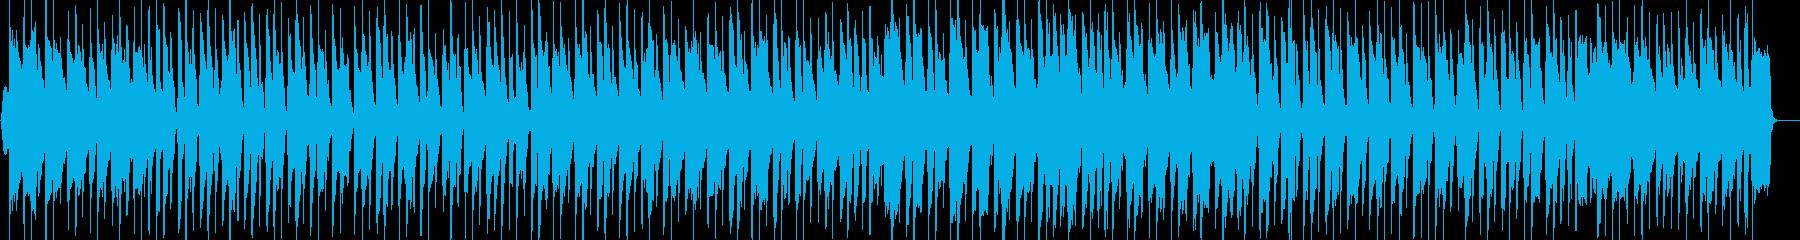 のんびり温かいほのぼのイージーリスニングの再生済みの波形